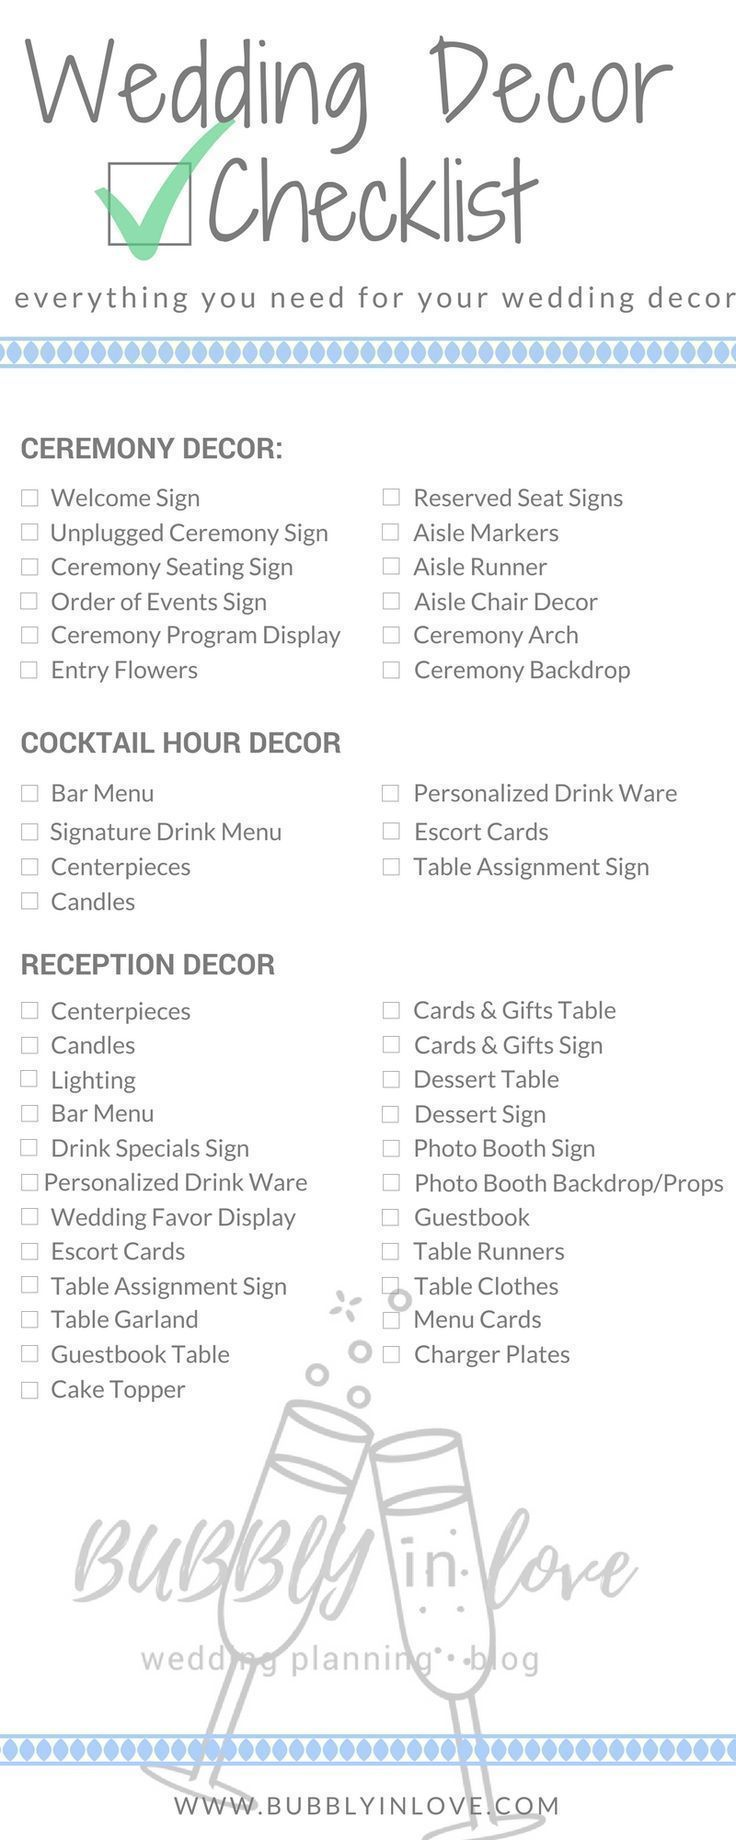 Wedding Reception Checklist Wedding Decorations Wedding Checklist Wedding Decor Wedding Decoration Checklist Wedding Reception Checklist Cocktail Hour Decor